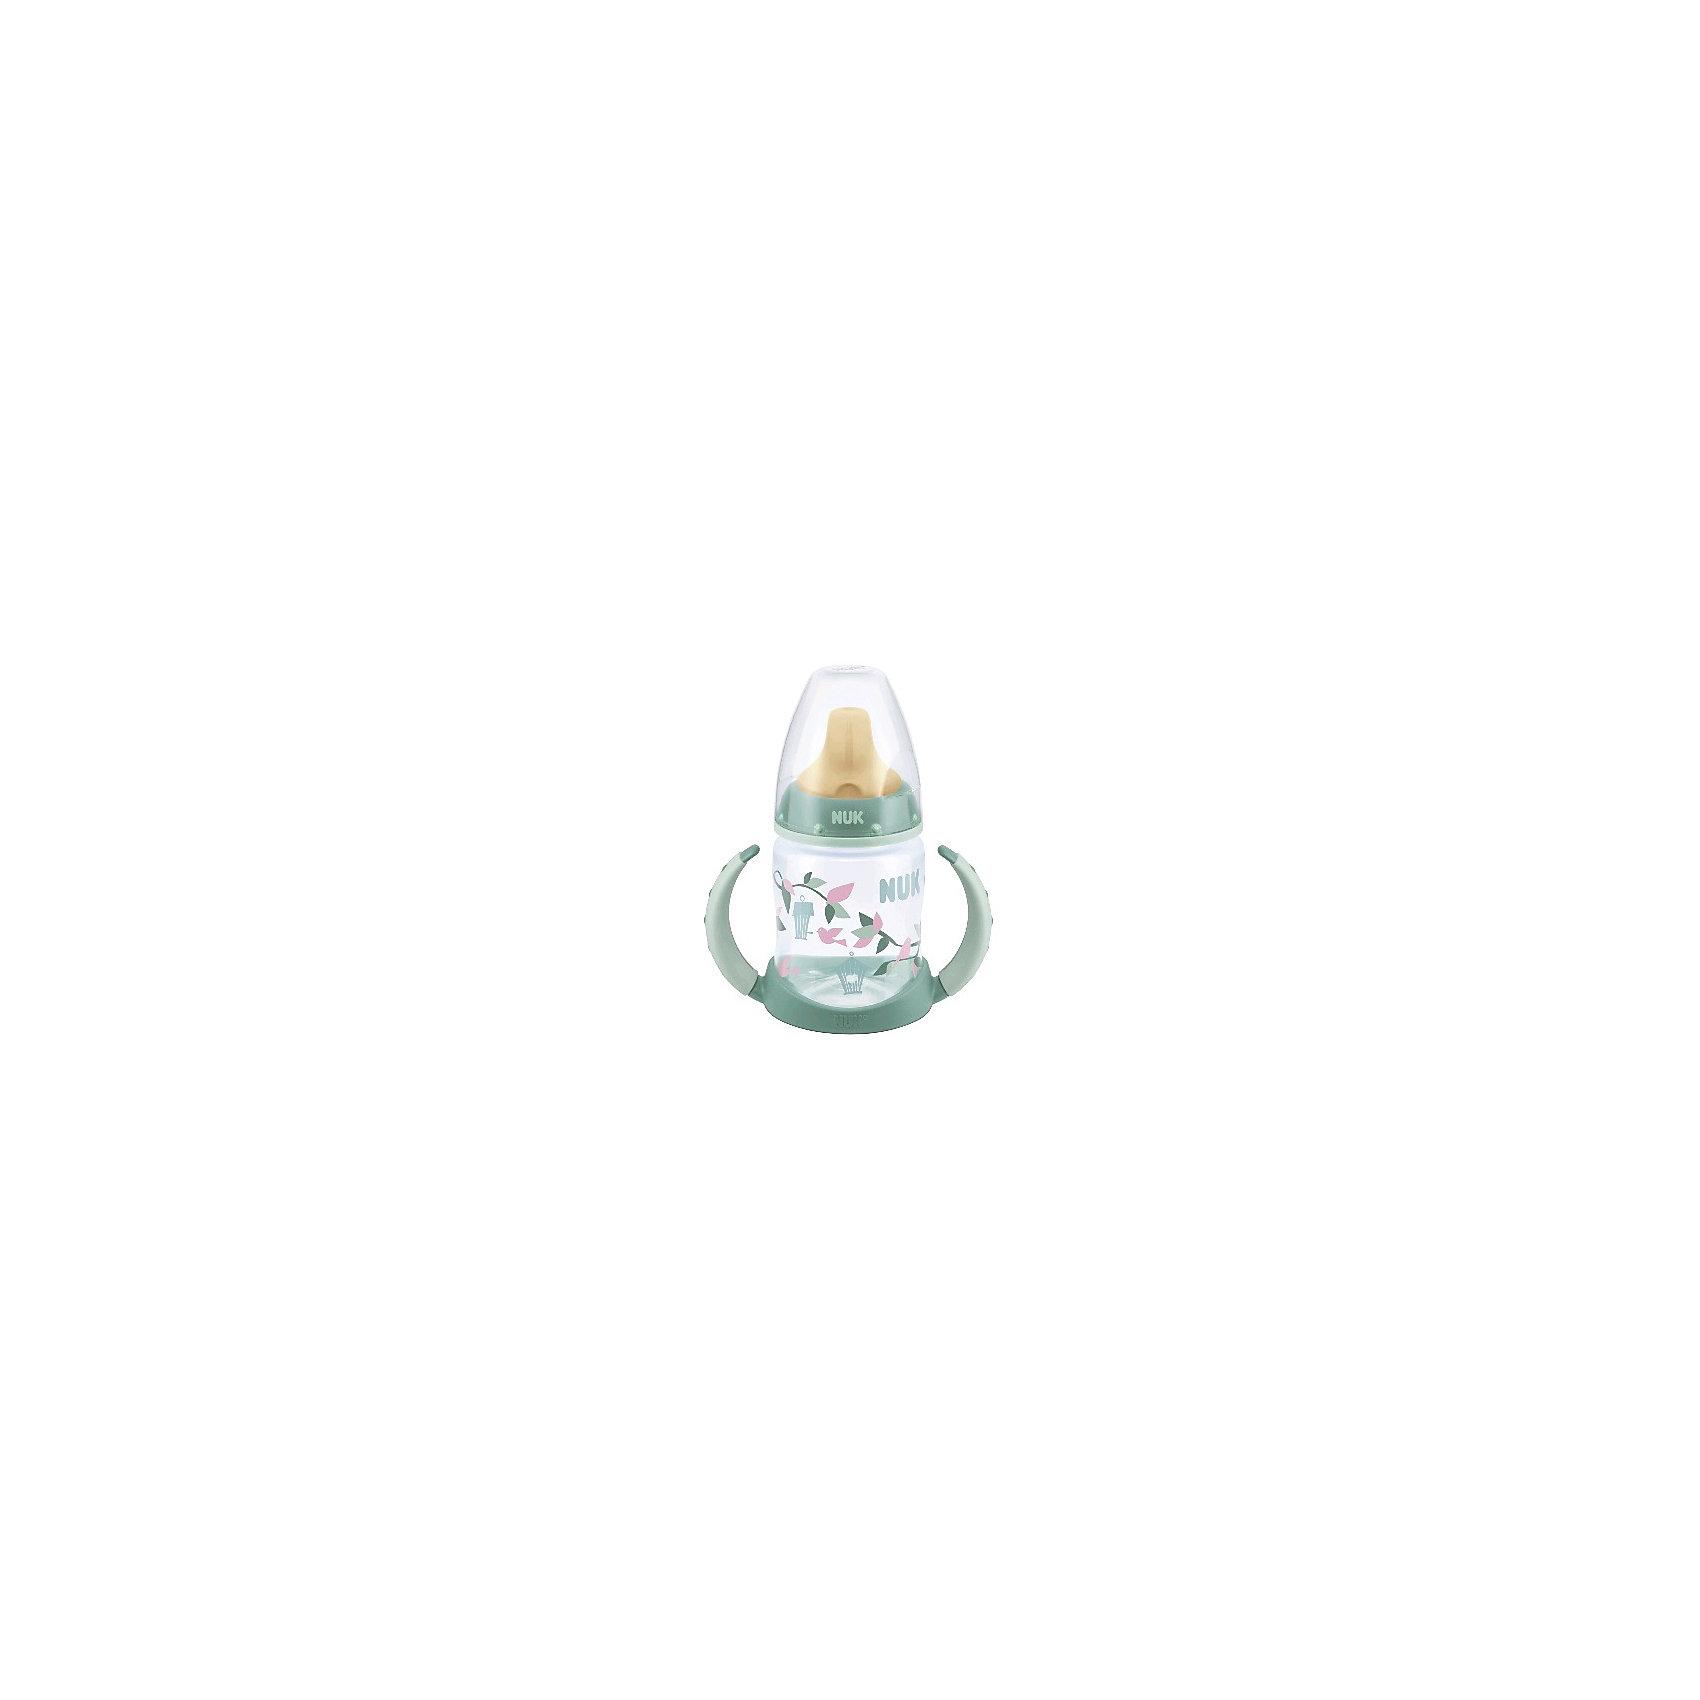 Бутылочка First Choice пласт. (ПП) 150 мл., NUK, нежно-зеленый